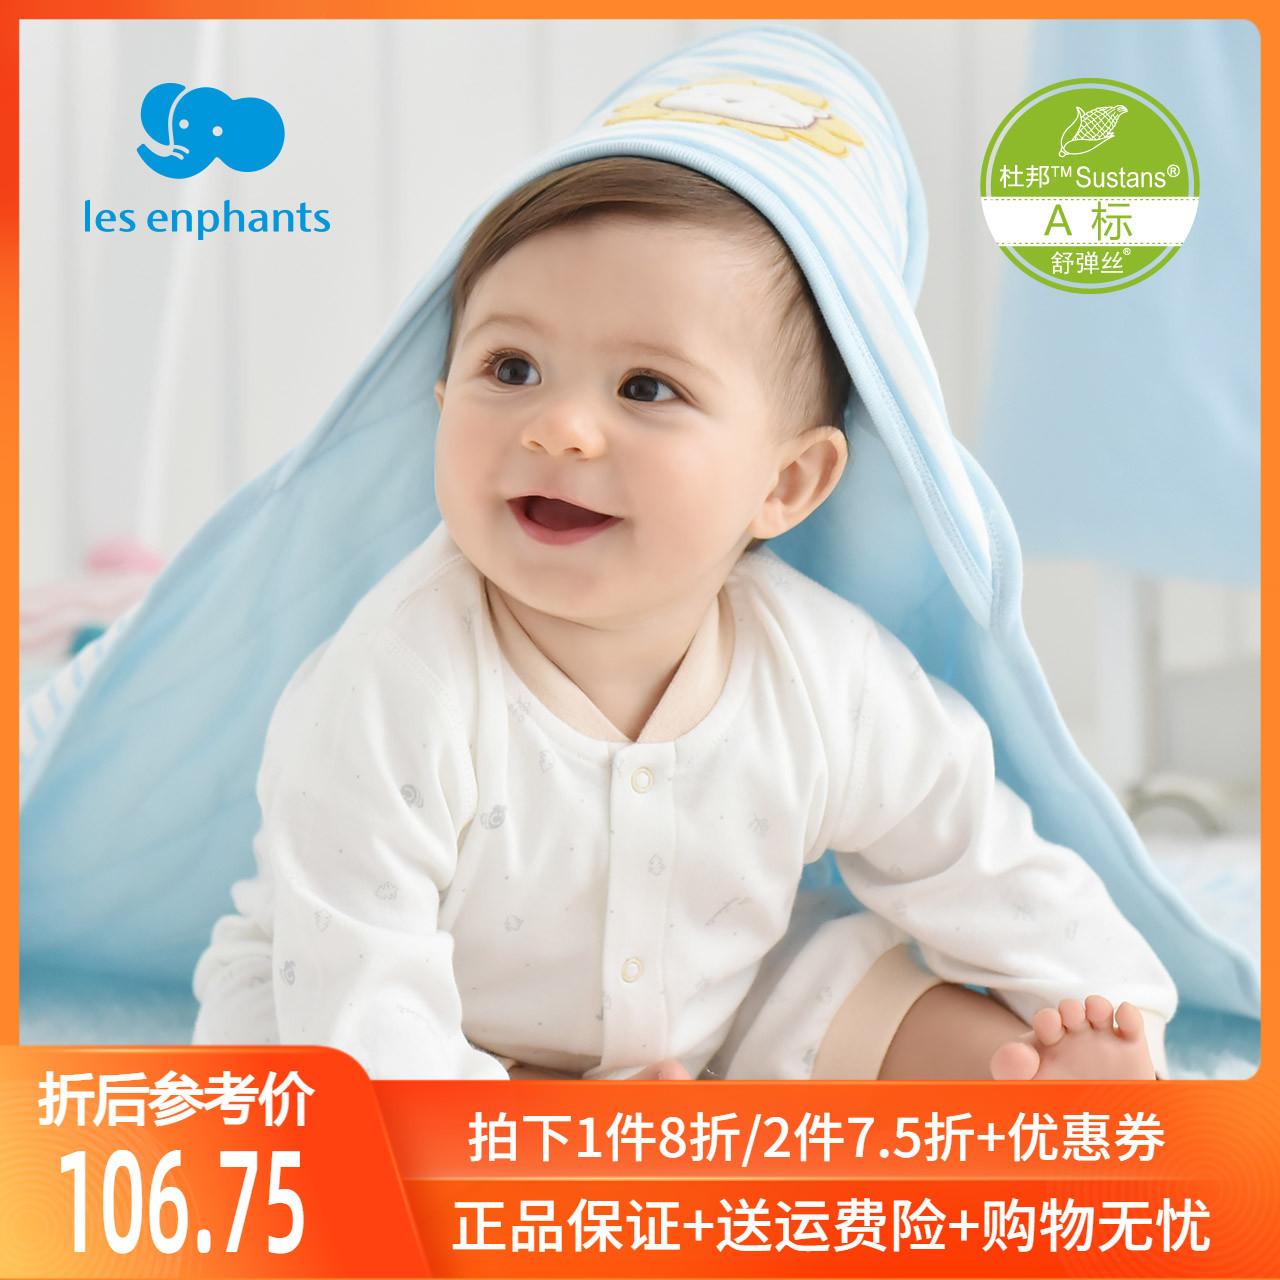 麗嬰房の寝具新生児保温抱っこは赤ちゃんに綿のタオルをはさまれます。